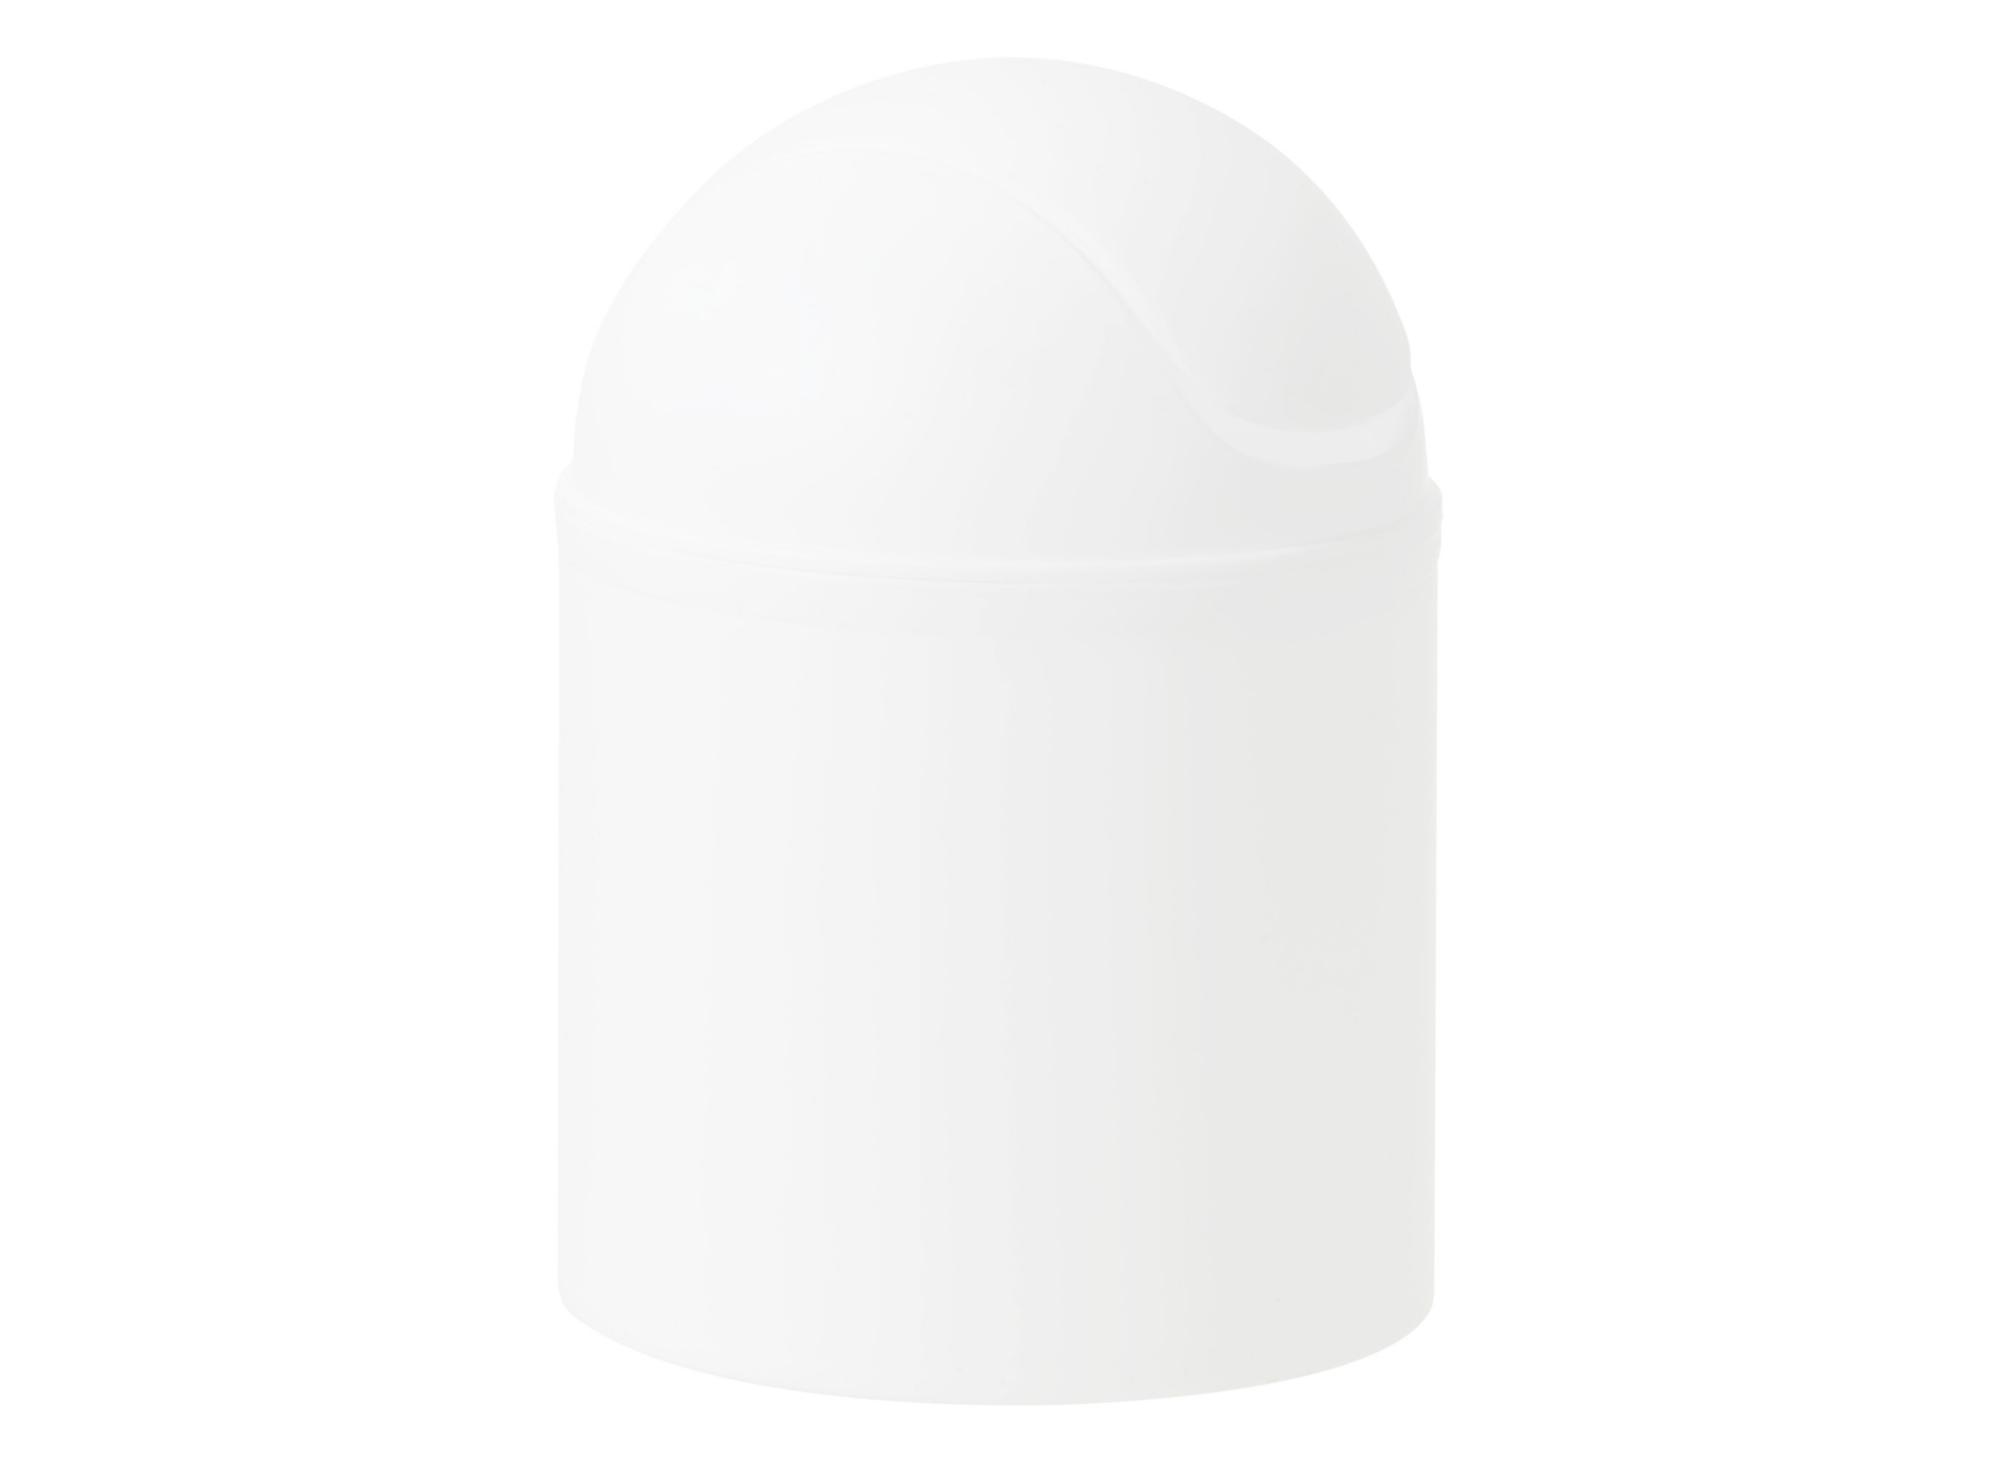 Poubelle couvercle a bascule en polypropylene coloris blanc contenanc ...